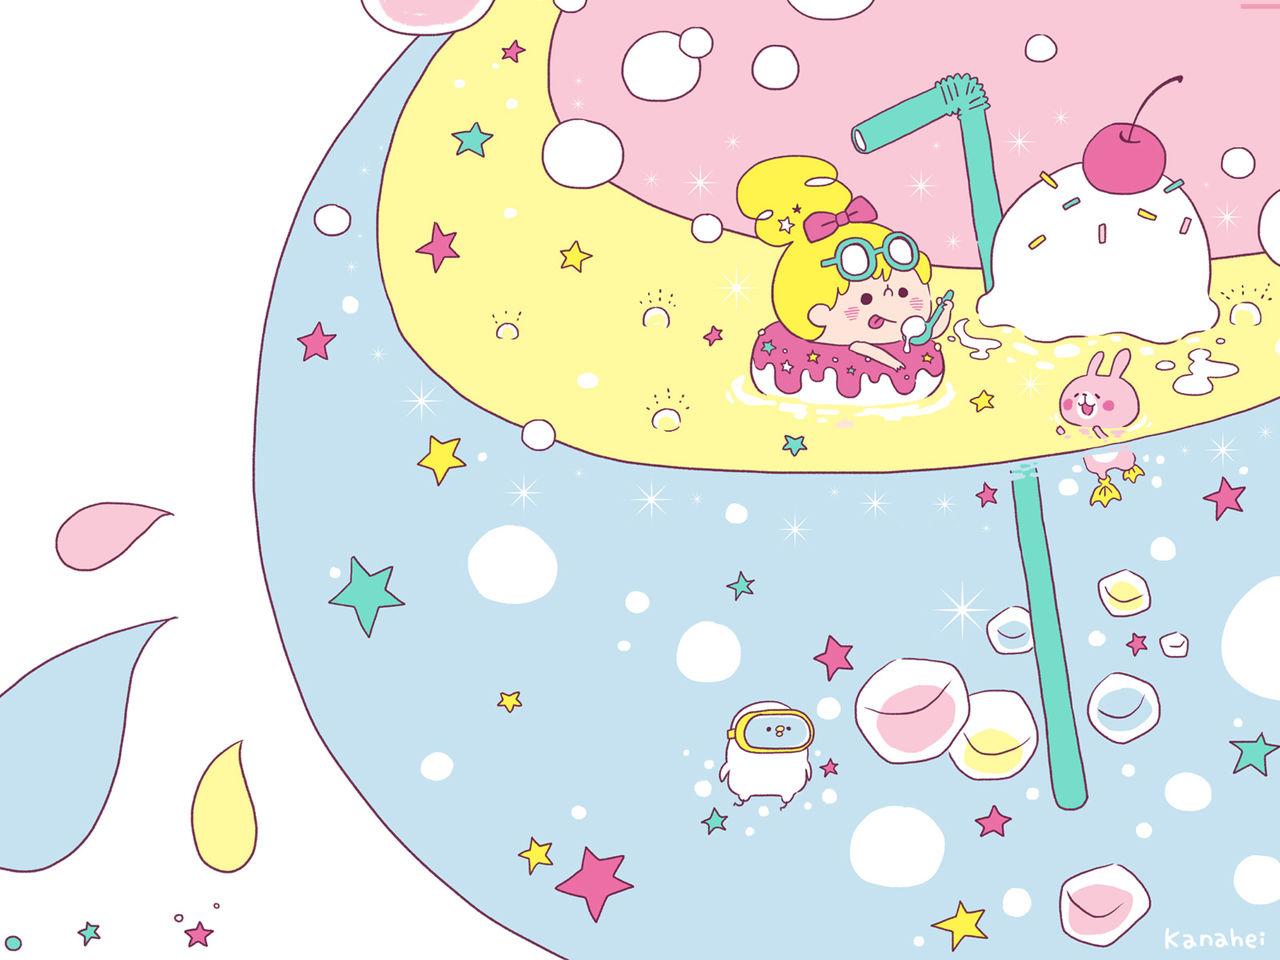 イシンホーム→タケのブログ : 2013年08月